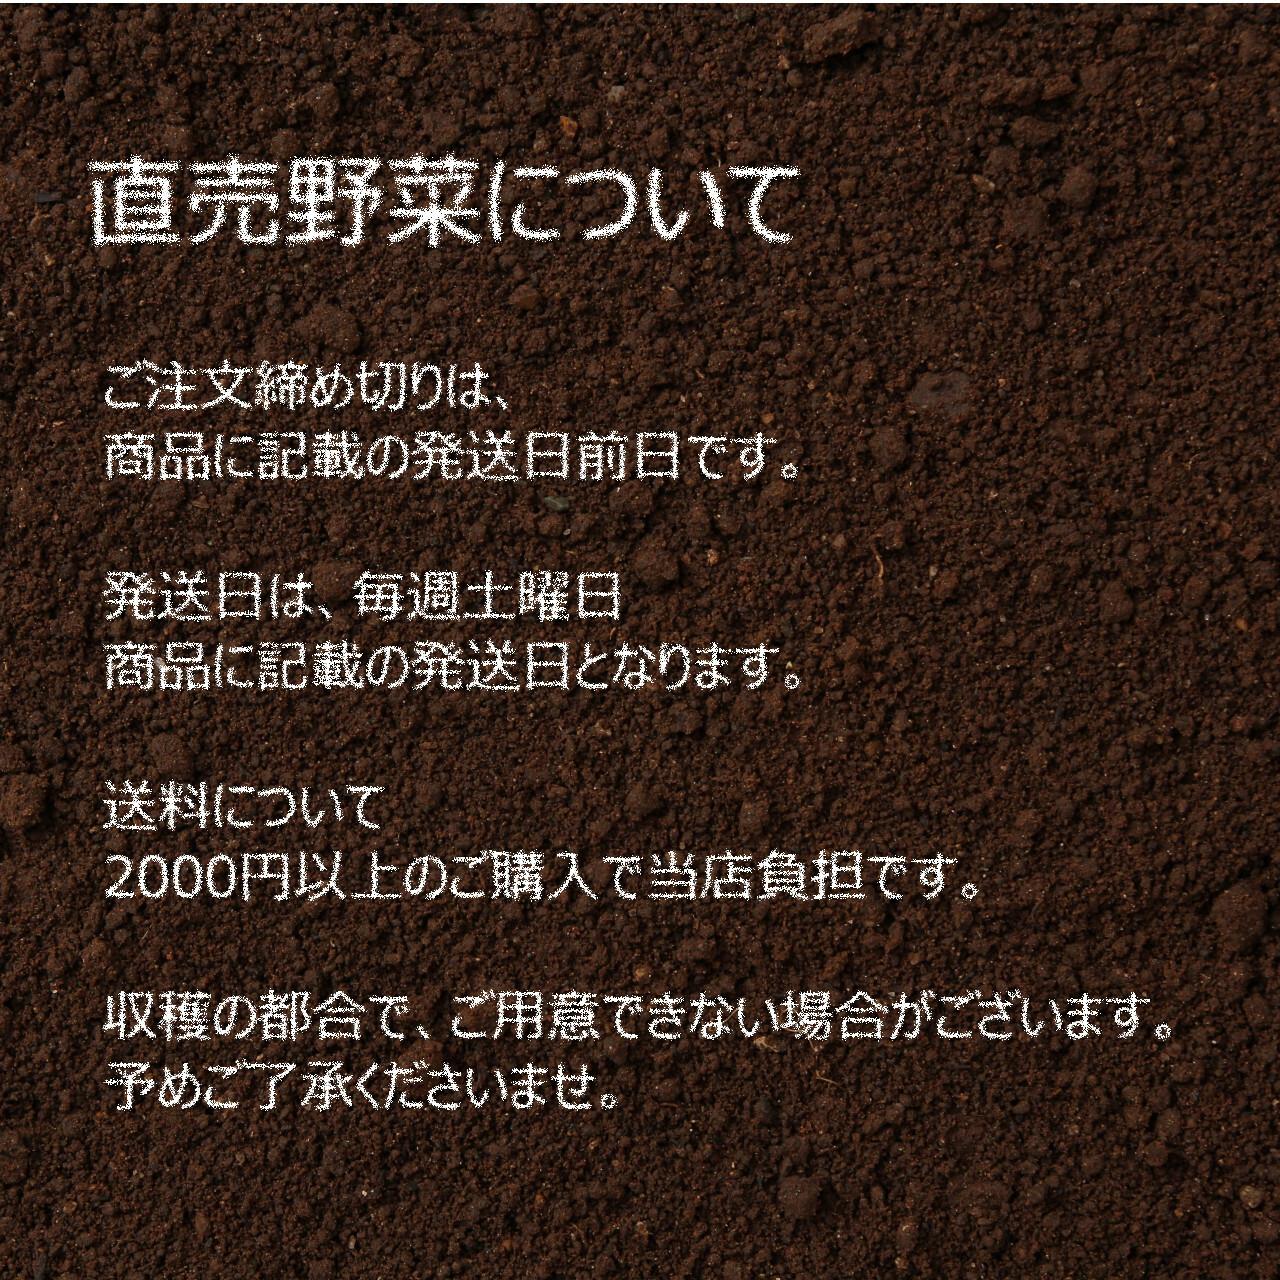 8月の朝採り直売野菜 : チンゲン菜 約300g 新鮮な夏野菜 8月22日発送予定